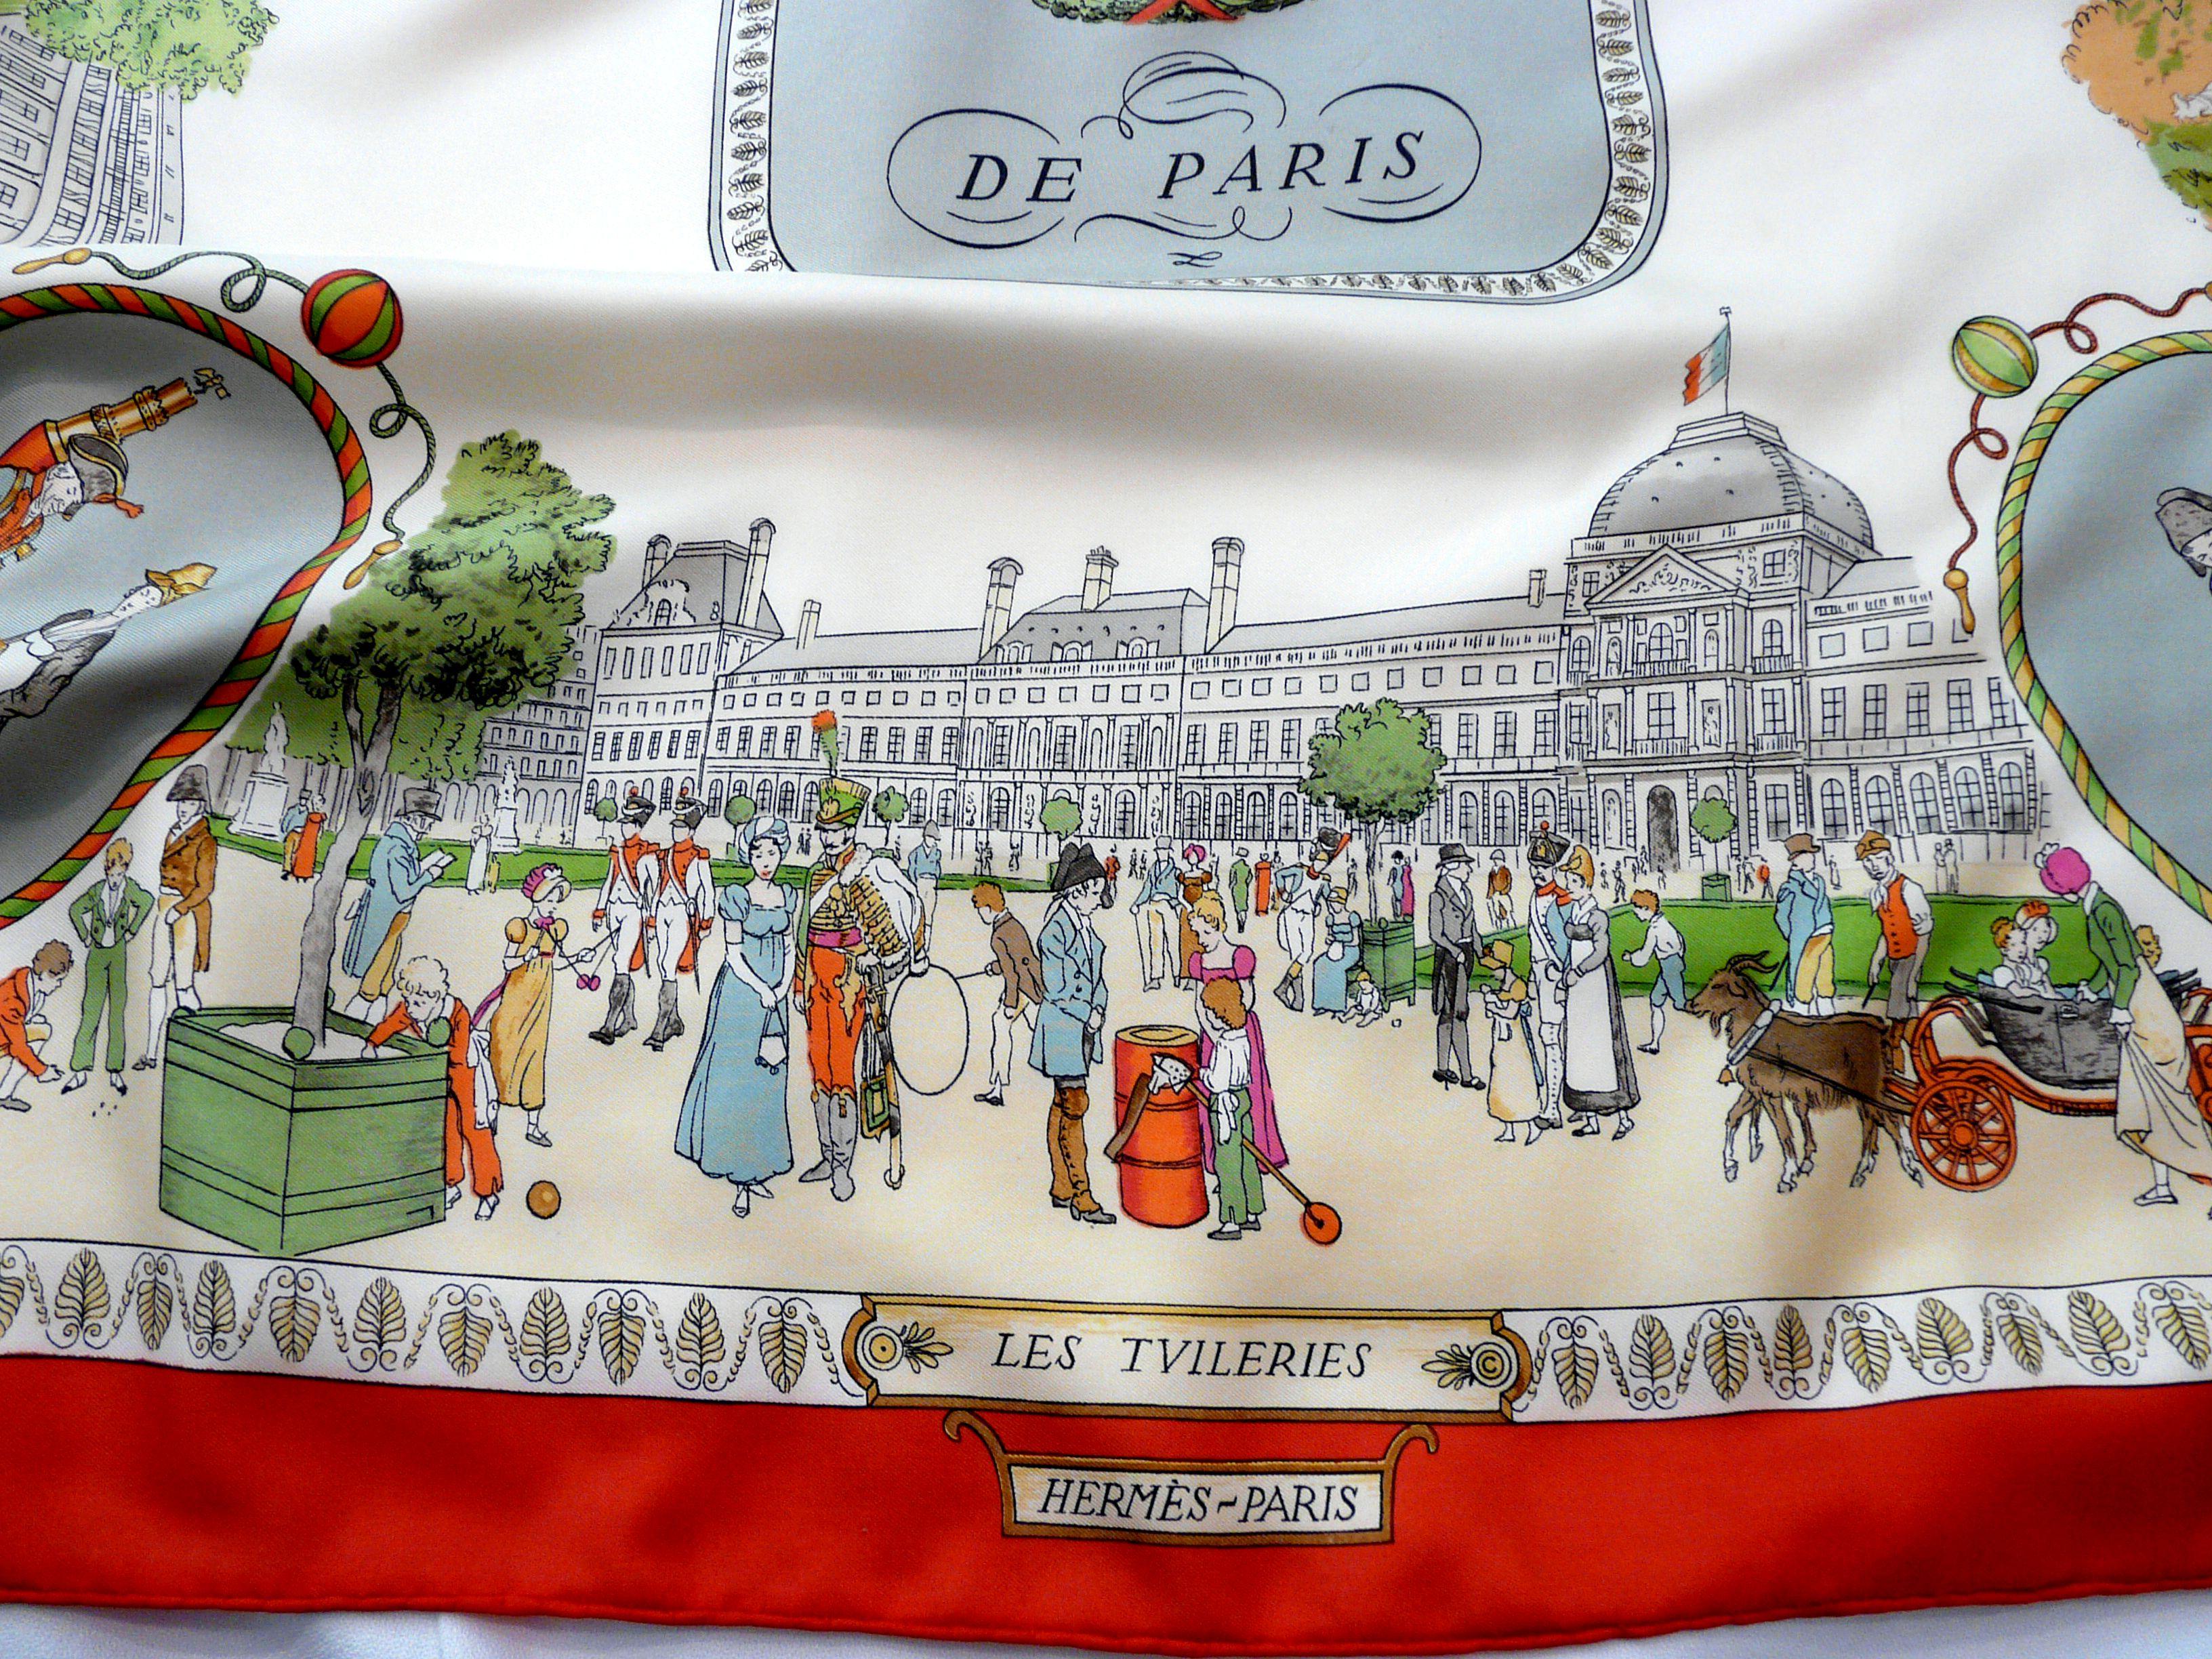 Promenades de Paris Les Tuileries detail